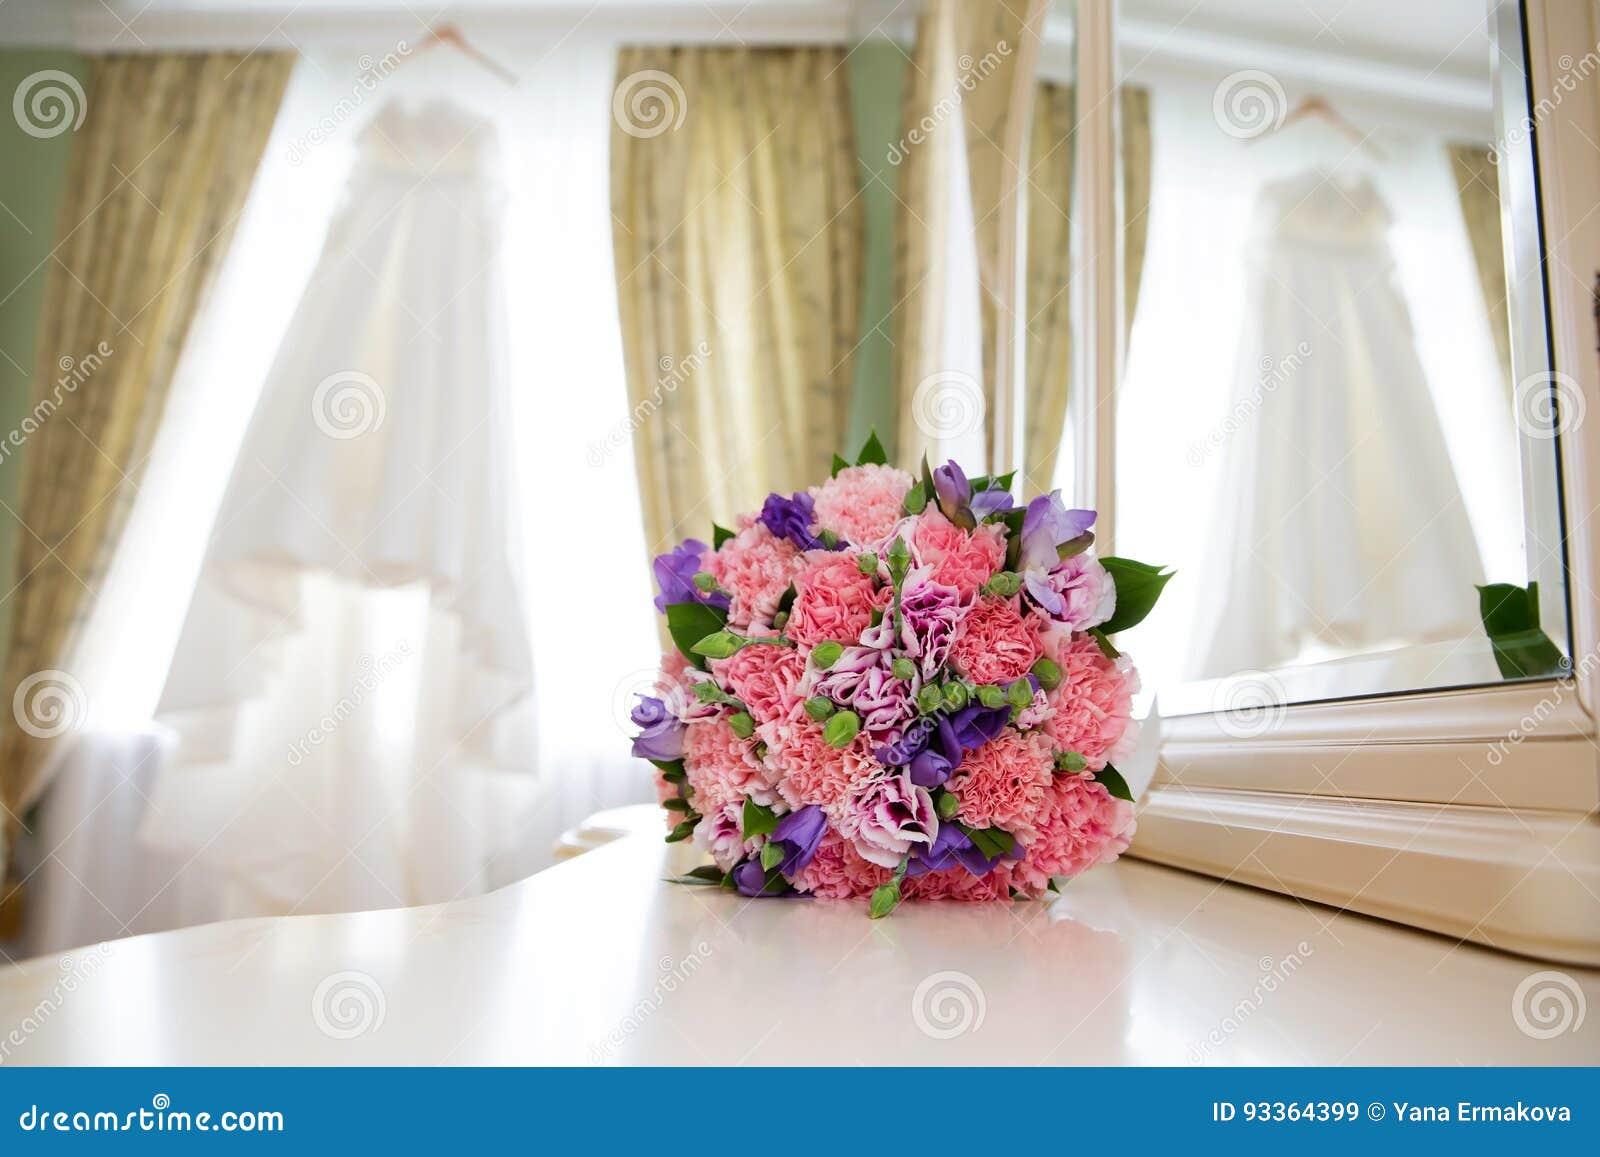 Beau Bouquet De Mariage Image Stock. Image Du Amour, Robe